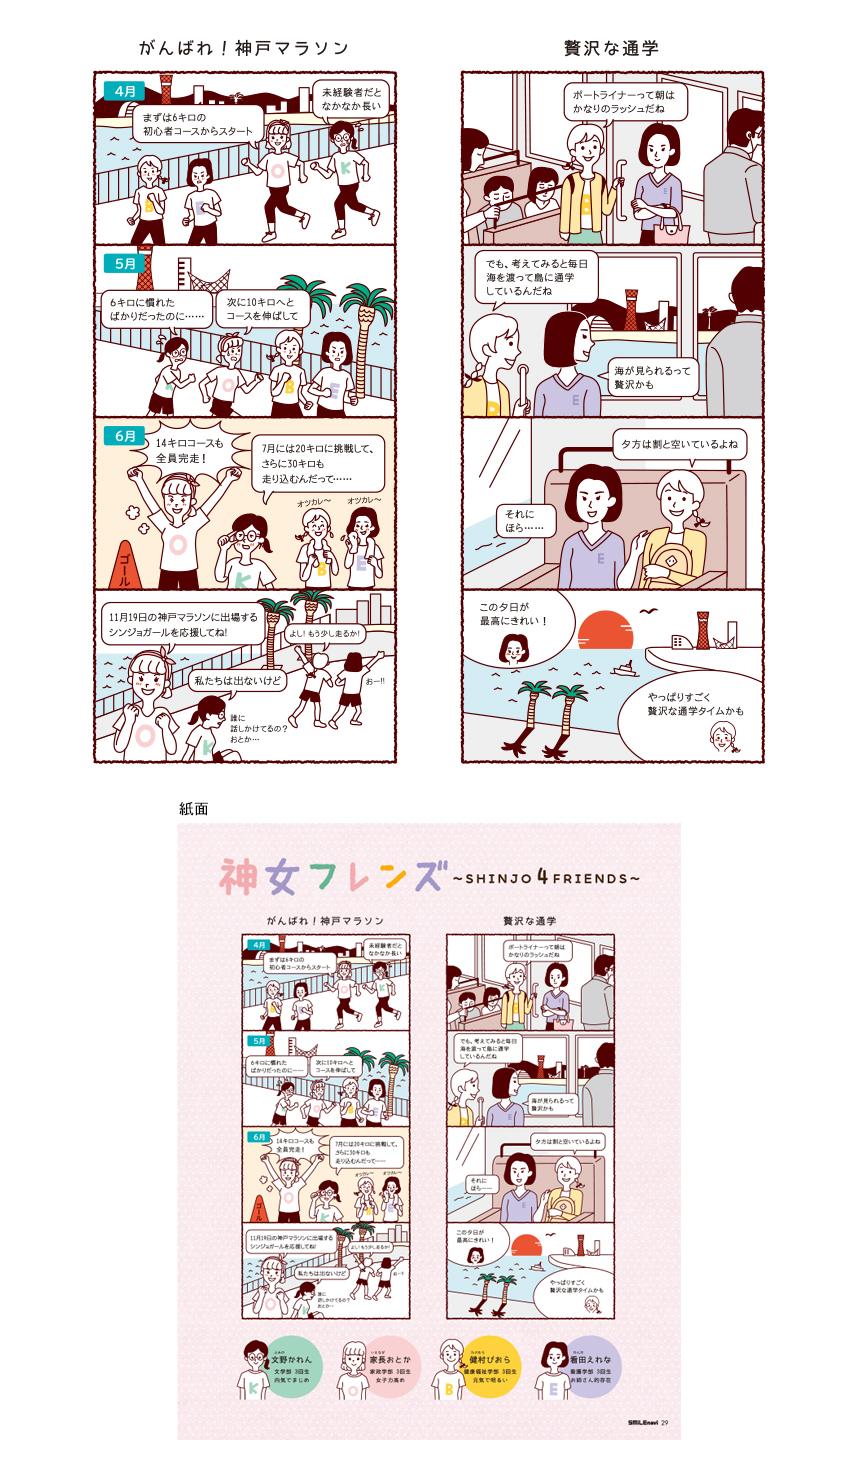 神戸女子大学 スマイルナビ 2017 october f ayano illustration file